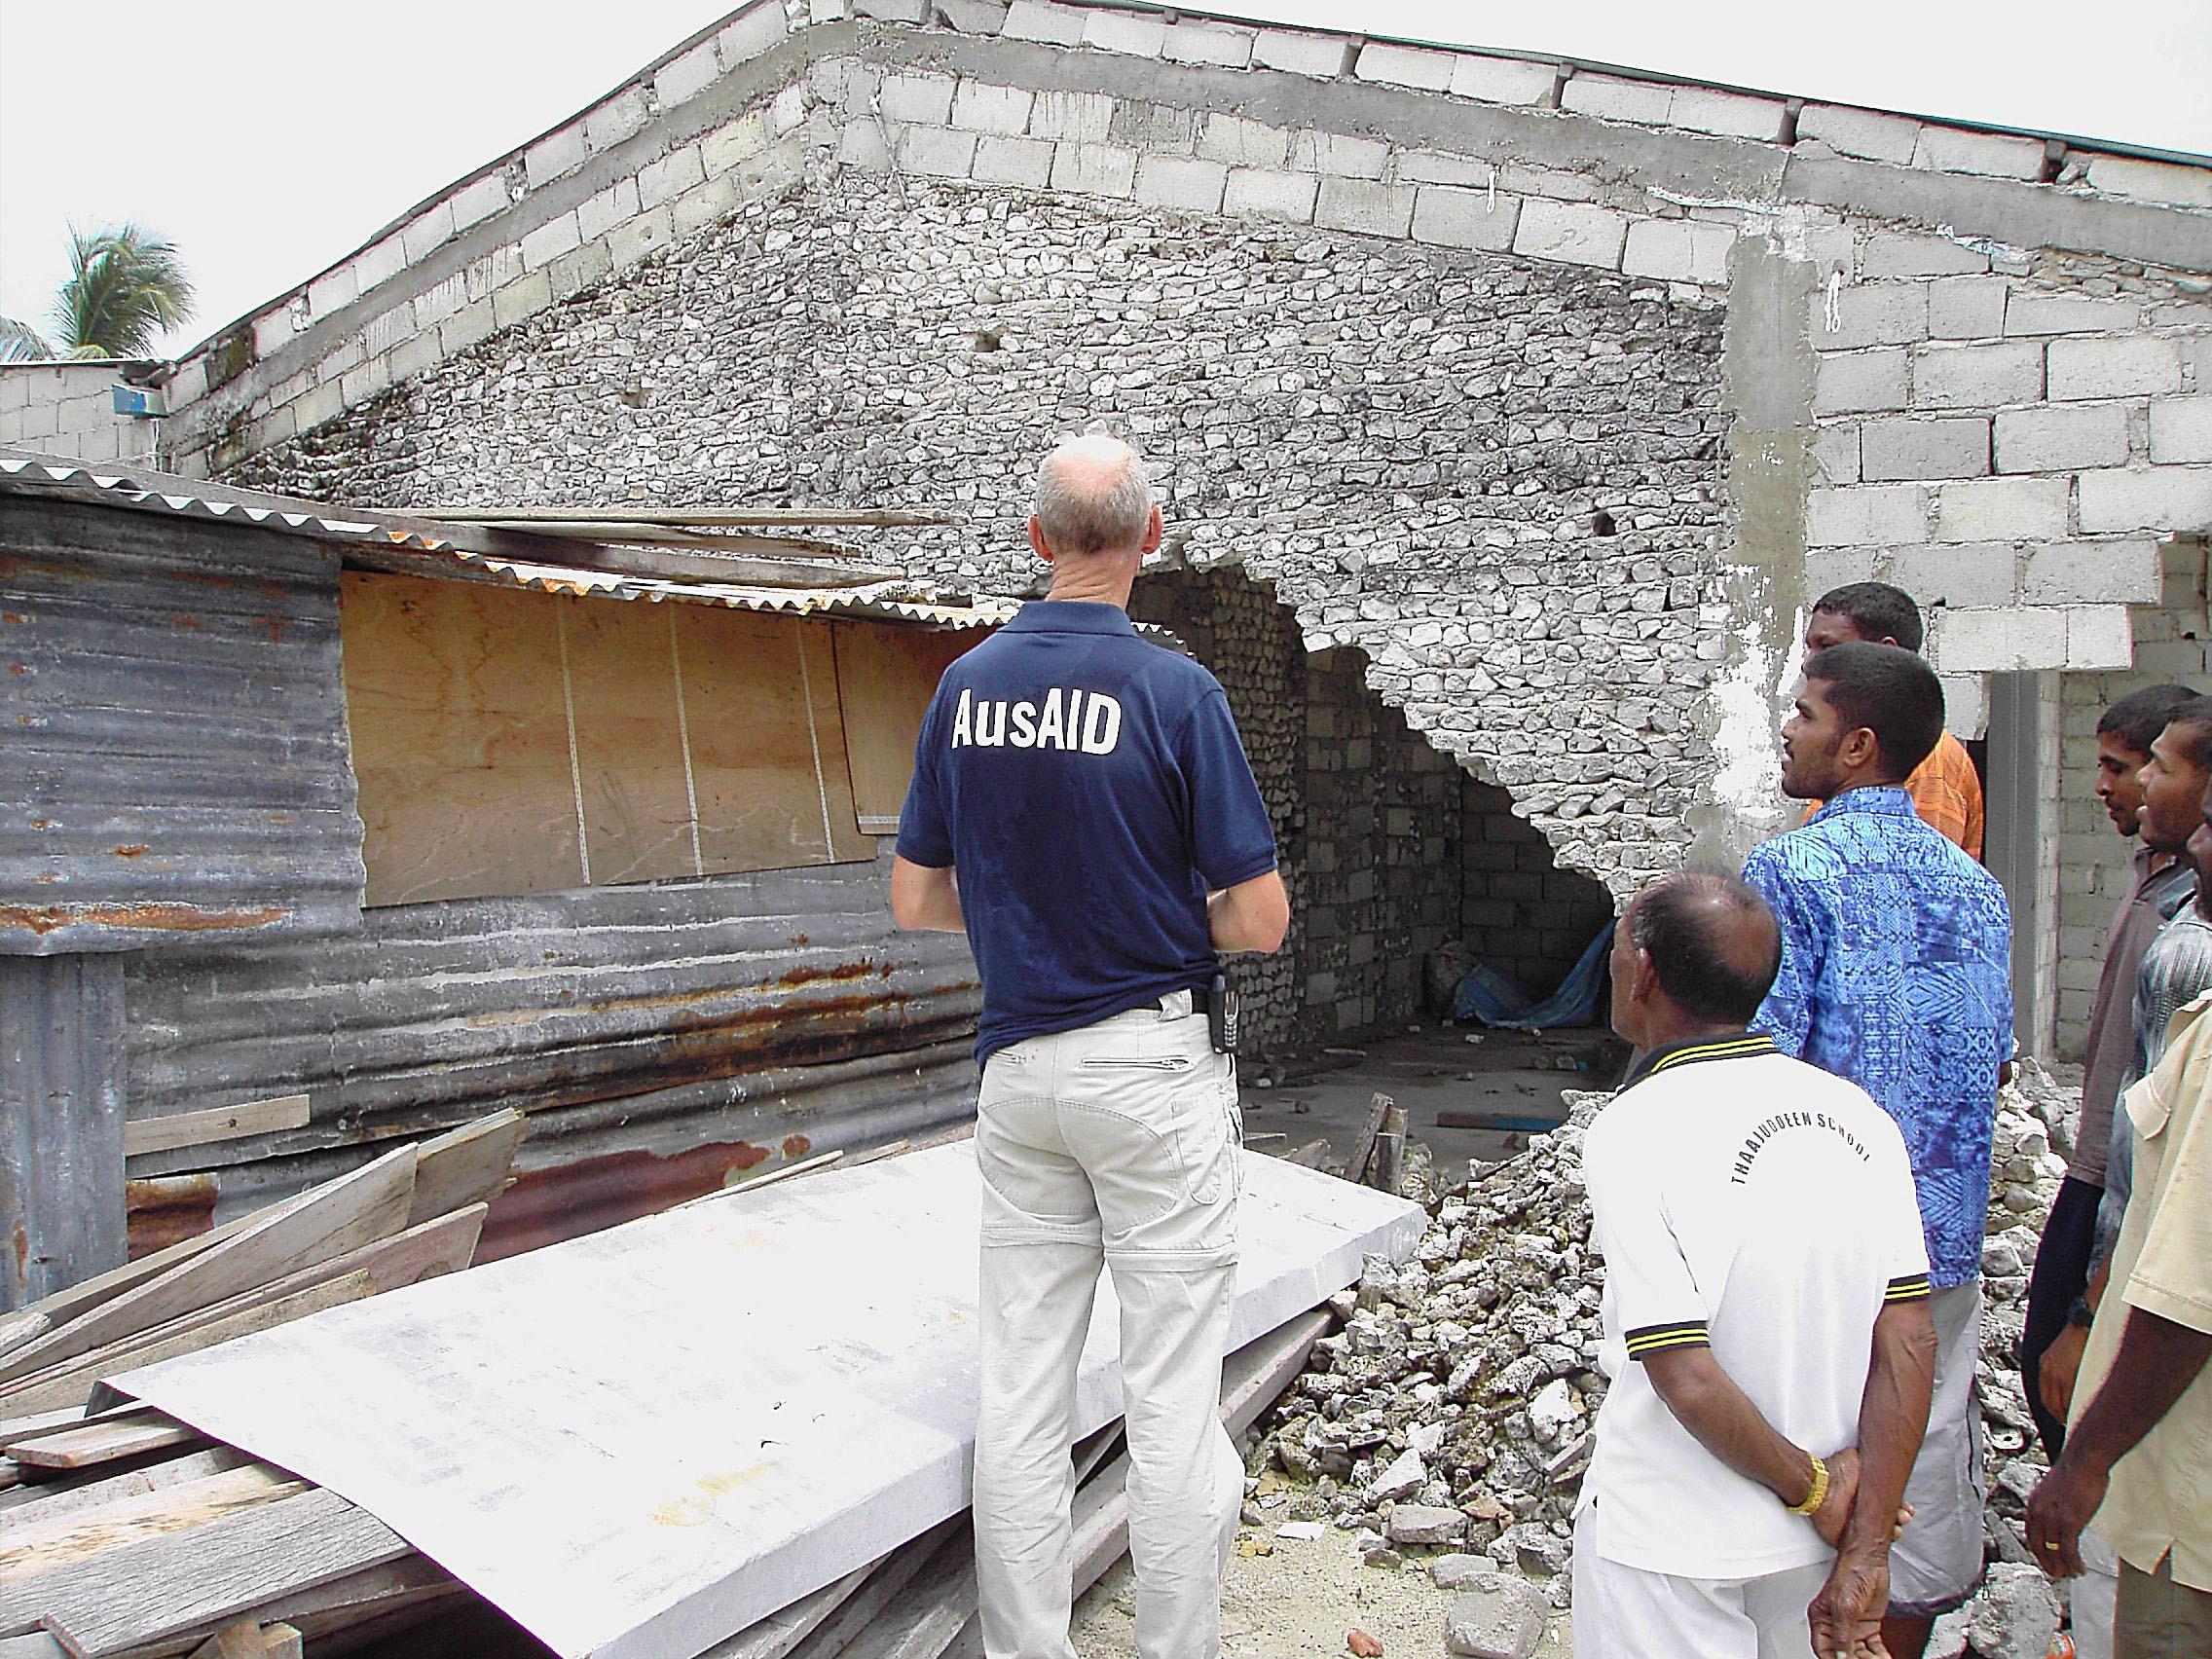 Tsunami aus aid